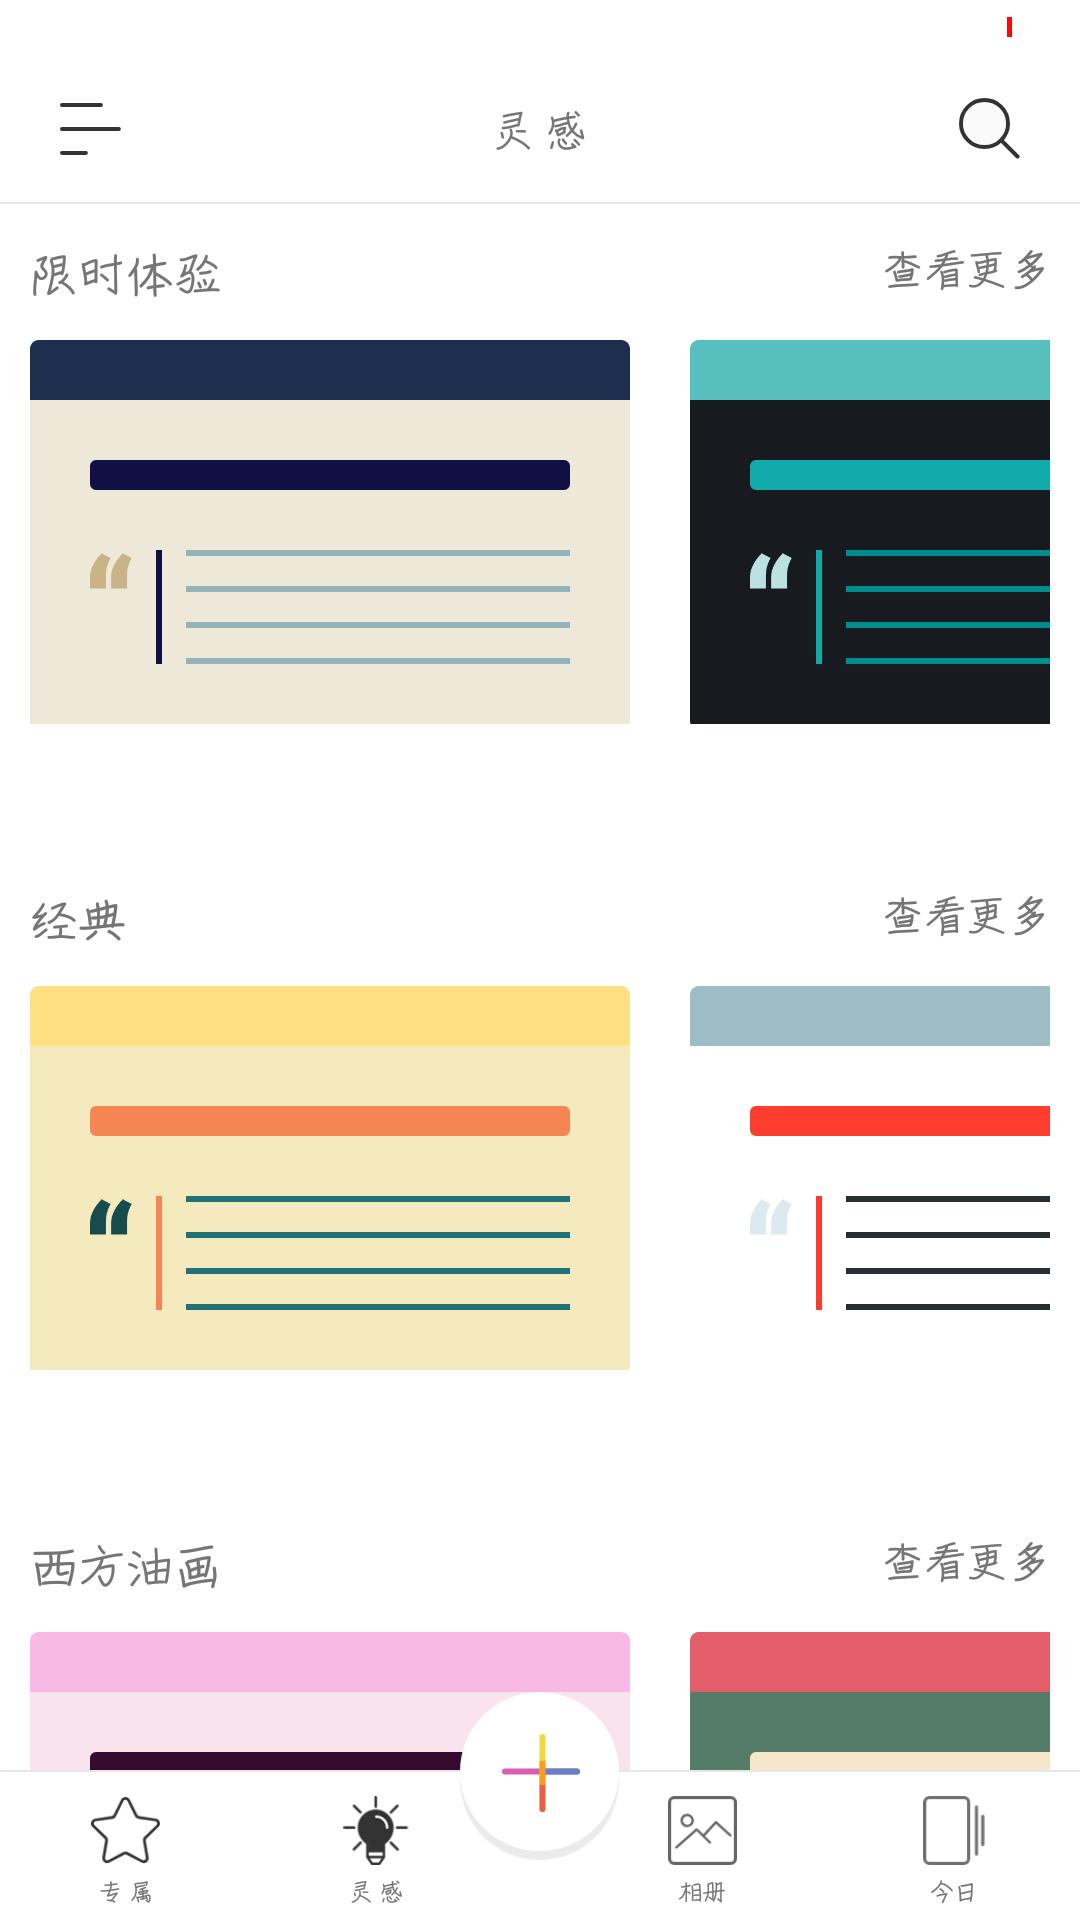 【分享】色采 - 配色助手 色卡工坊 1.5.5-爱小助